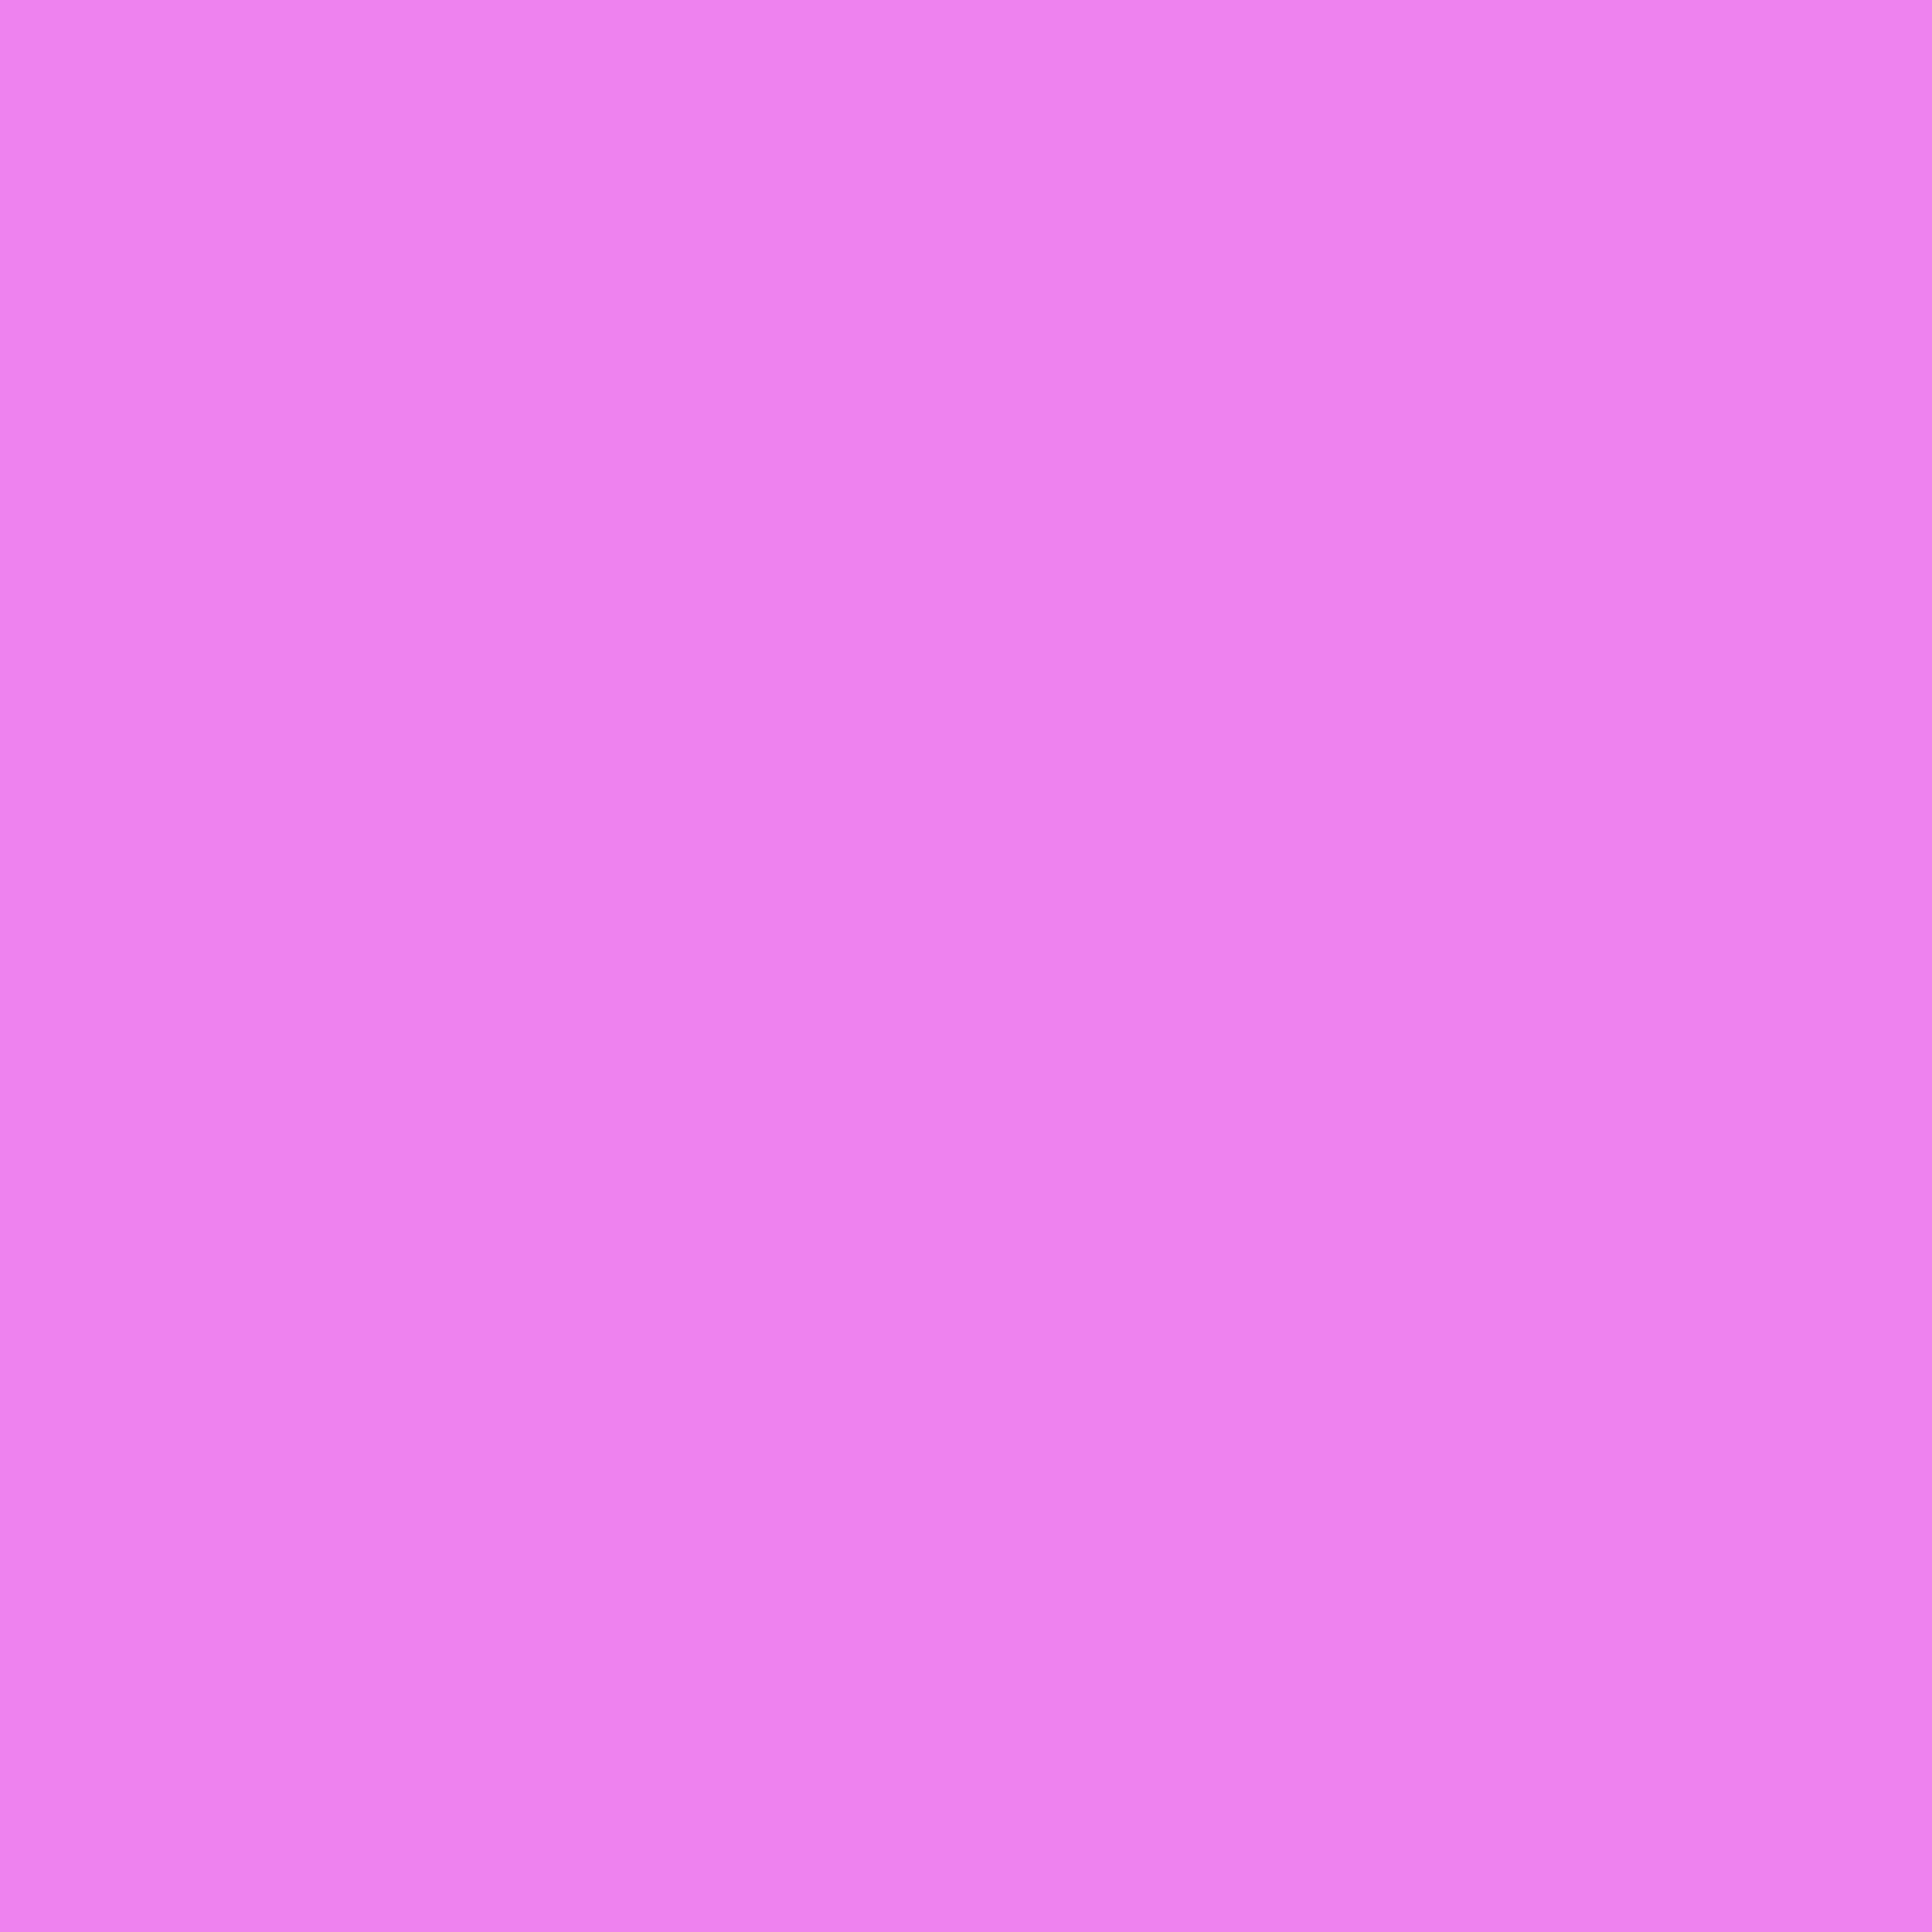 2732x2732 Violet Web Solid Color Background